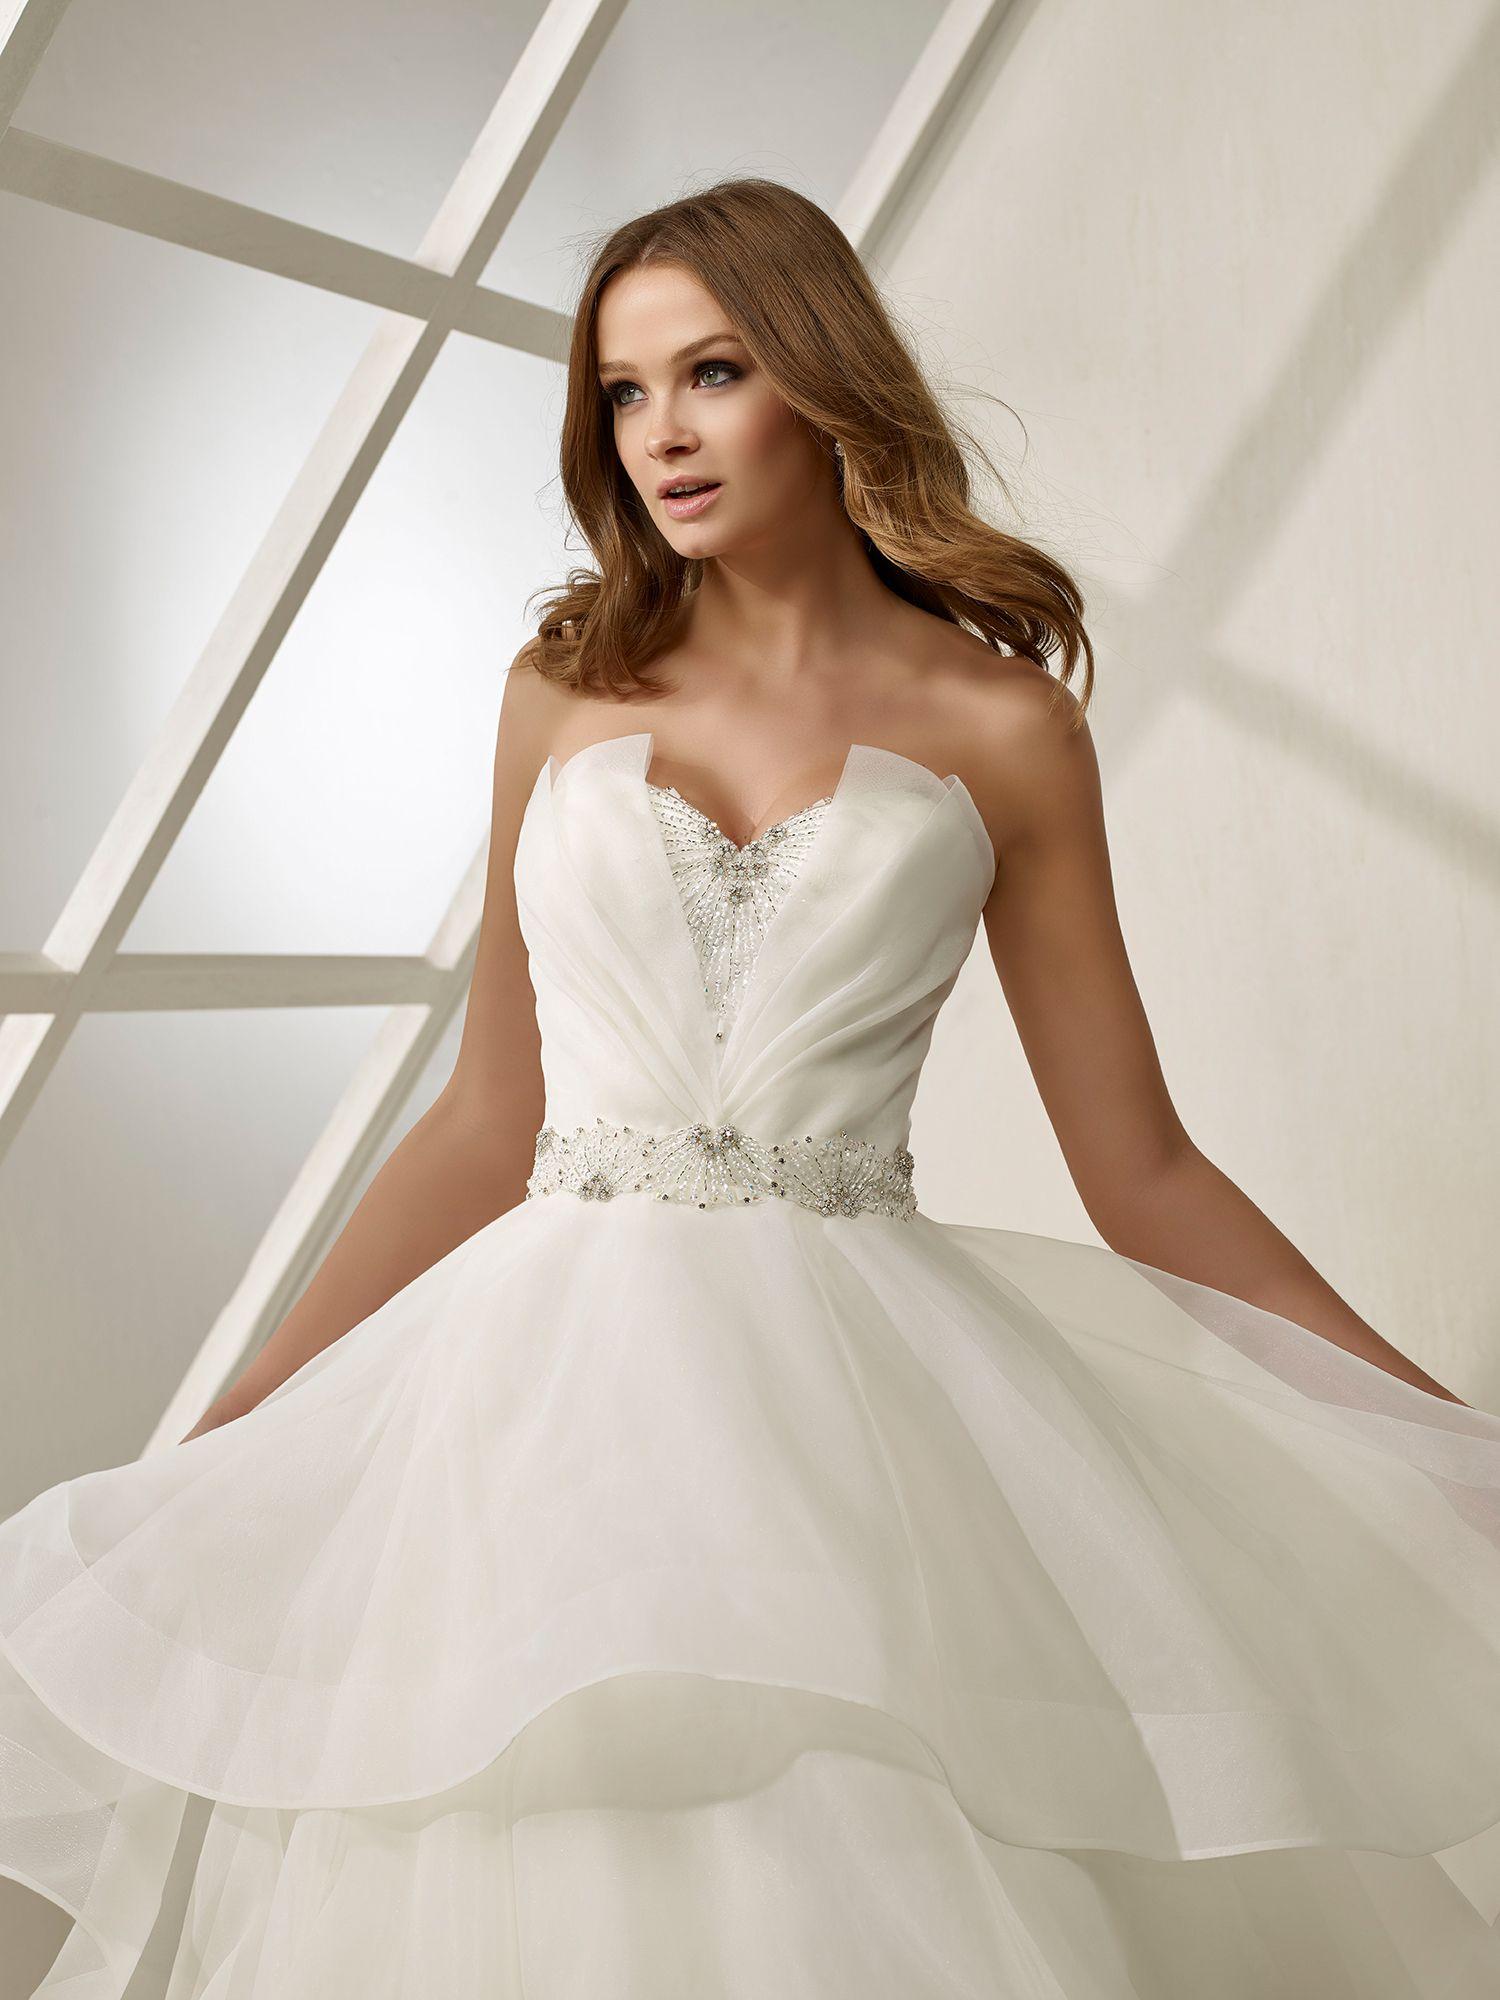 6028d2a2 Vestido de novia con escote corazón modelo DS 19230 (DIVINA SPOSA)  #casamientos #